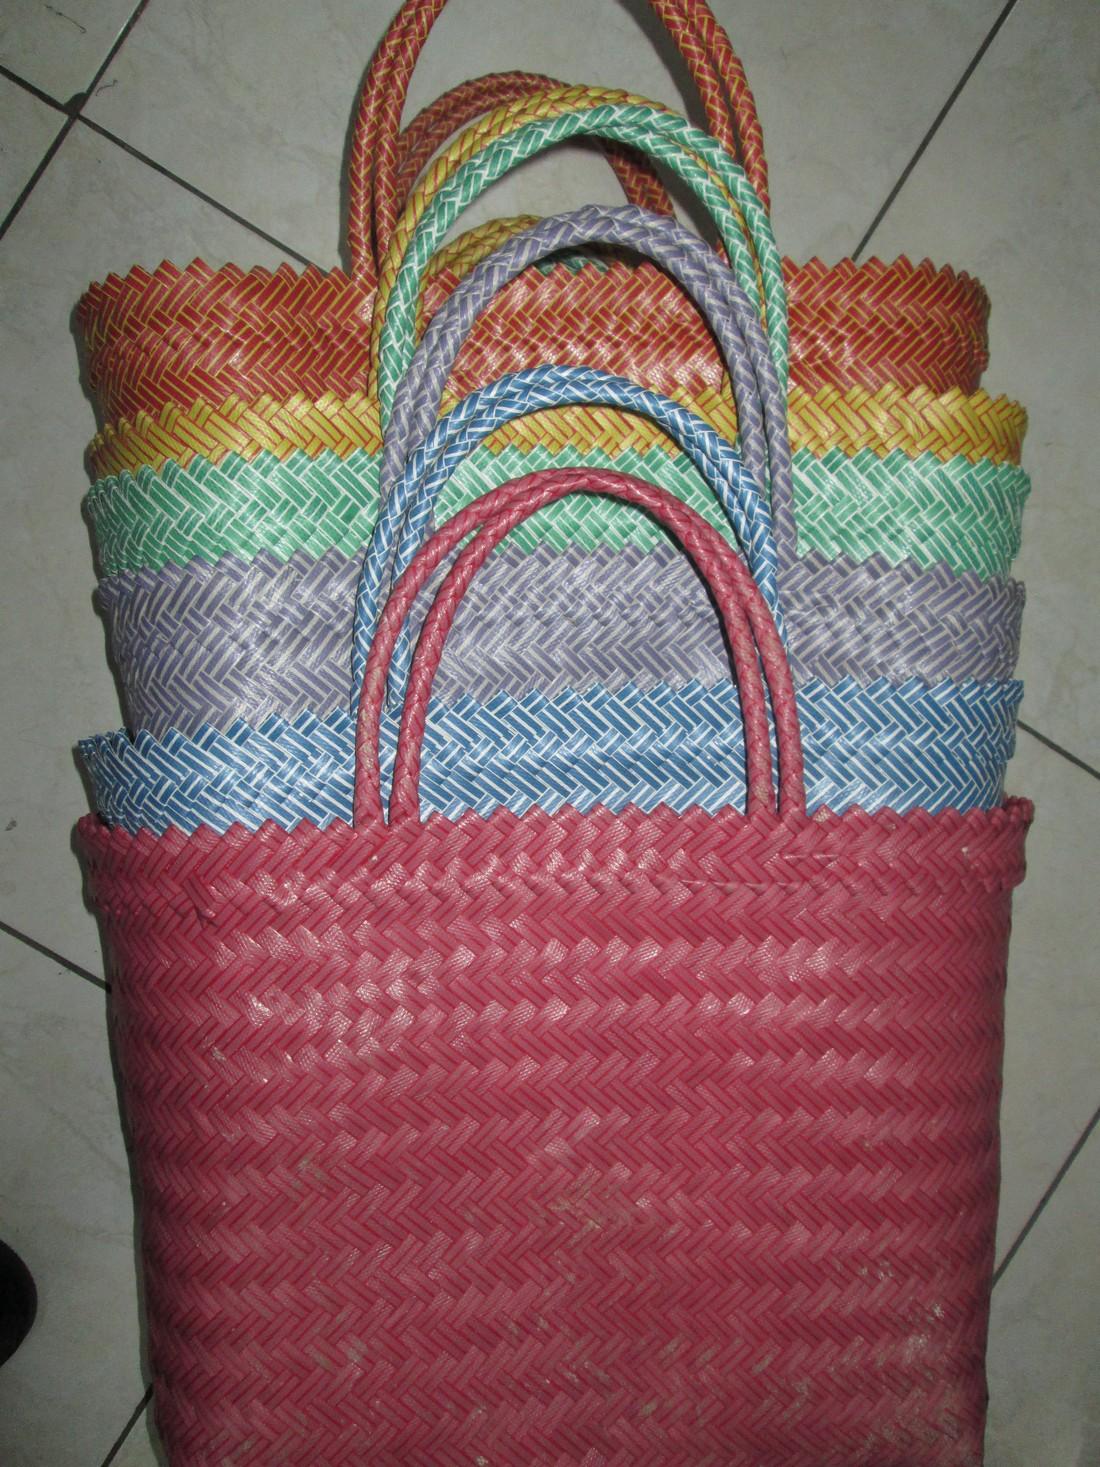 confezione di 6 pezzi, uno per ogni colore